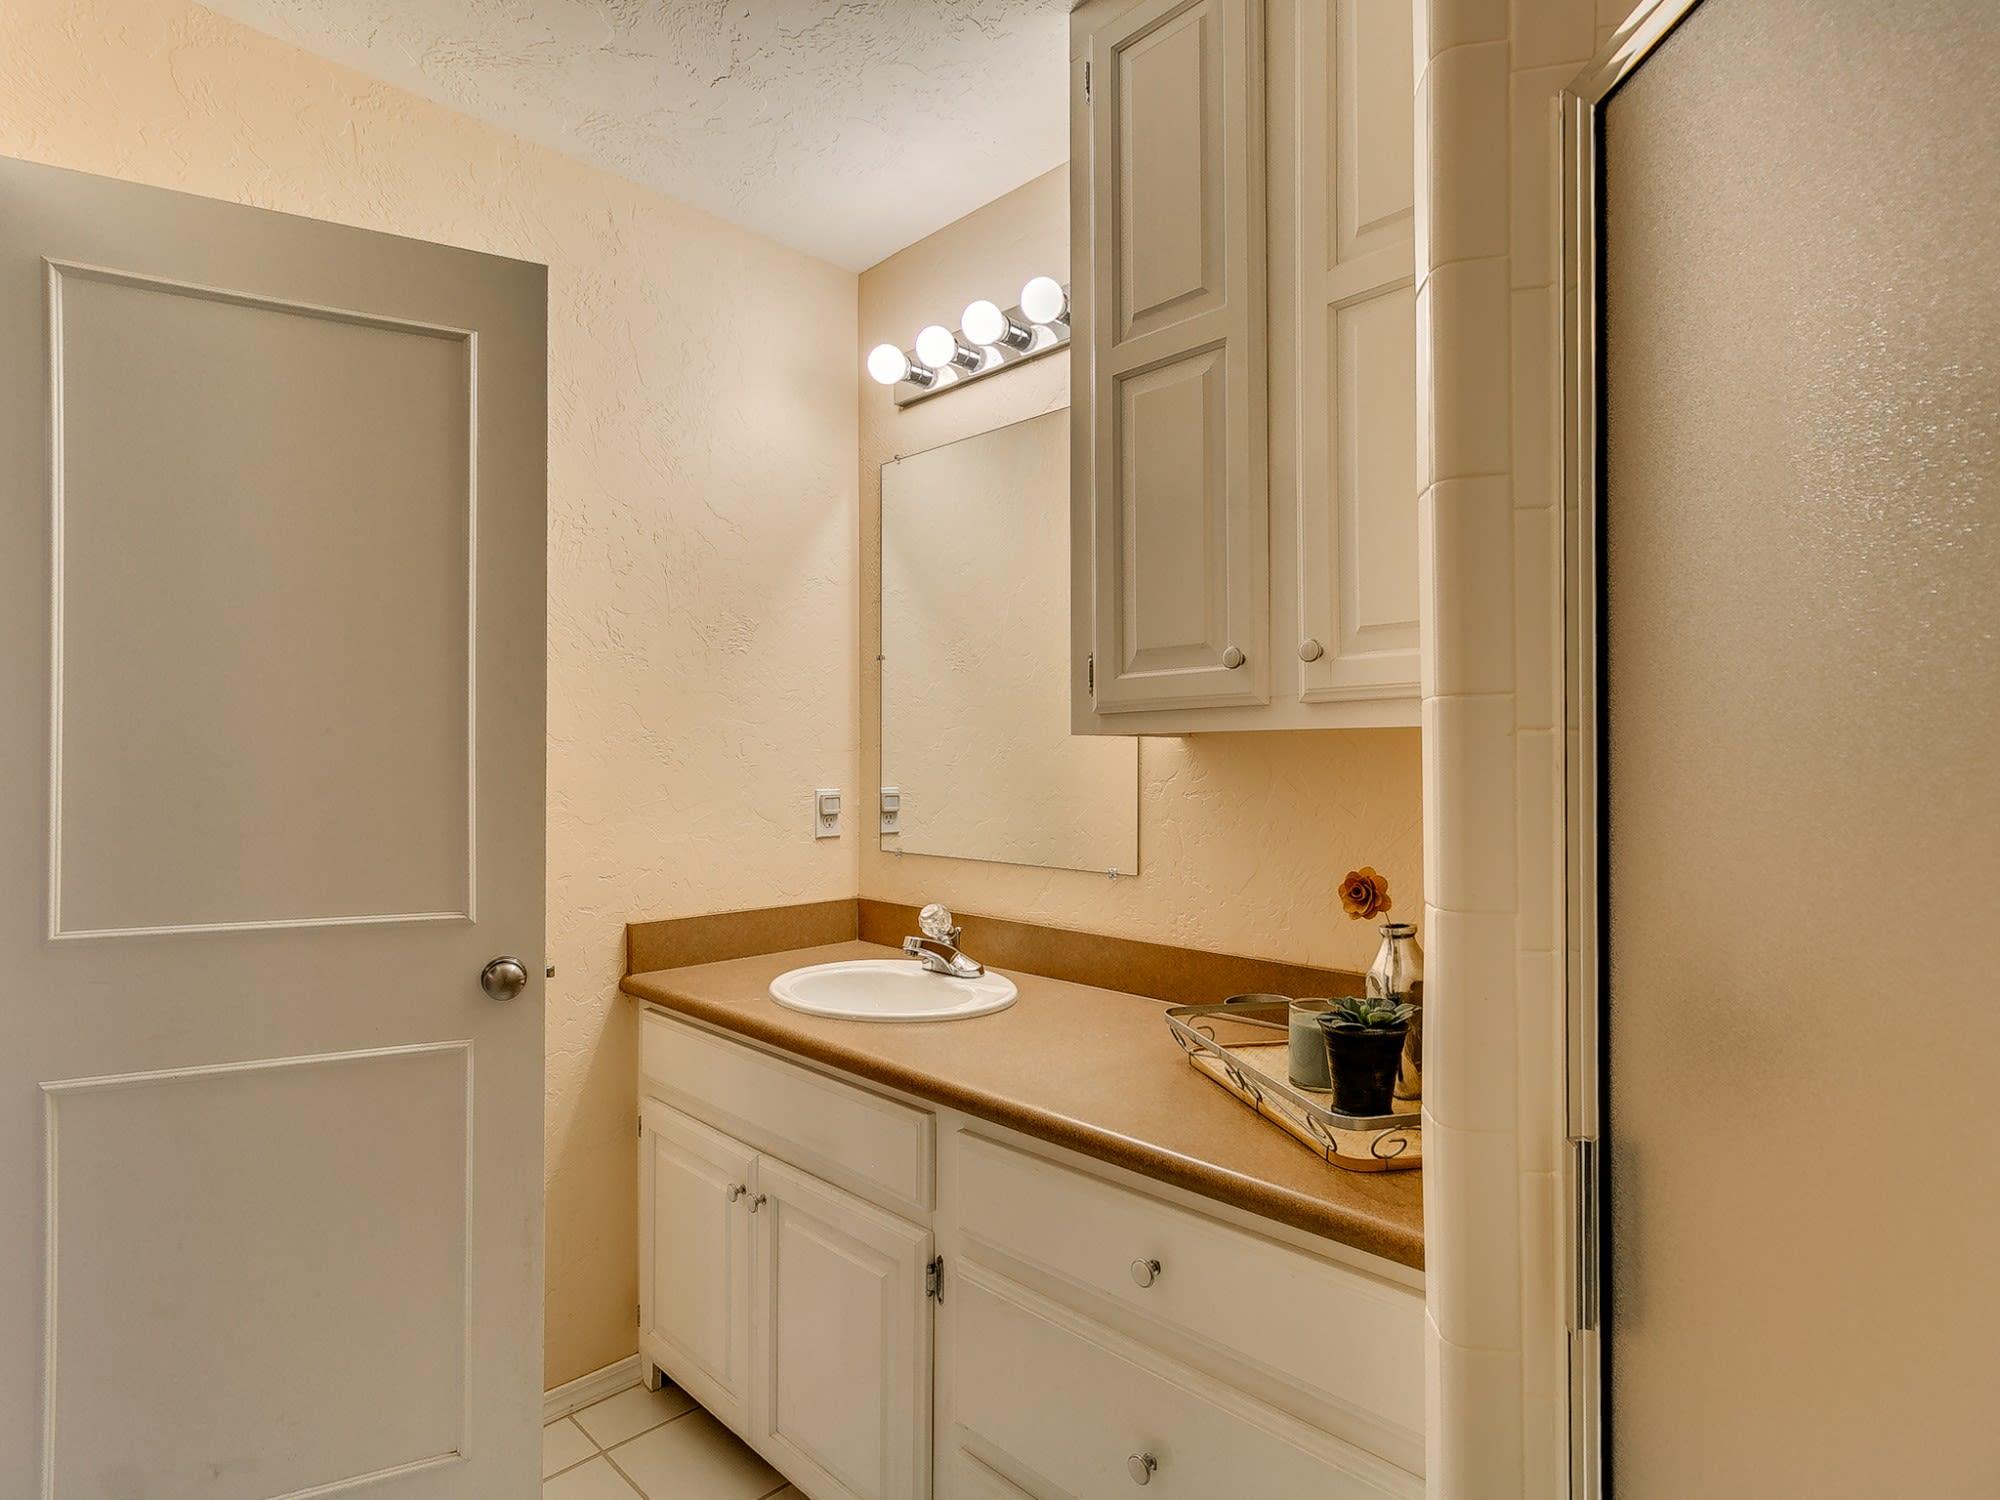 Bathroom Sinks Edmond Ok 1709 chickasha circle edmond ok 73013 arrowhead valley ii | curtis